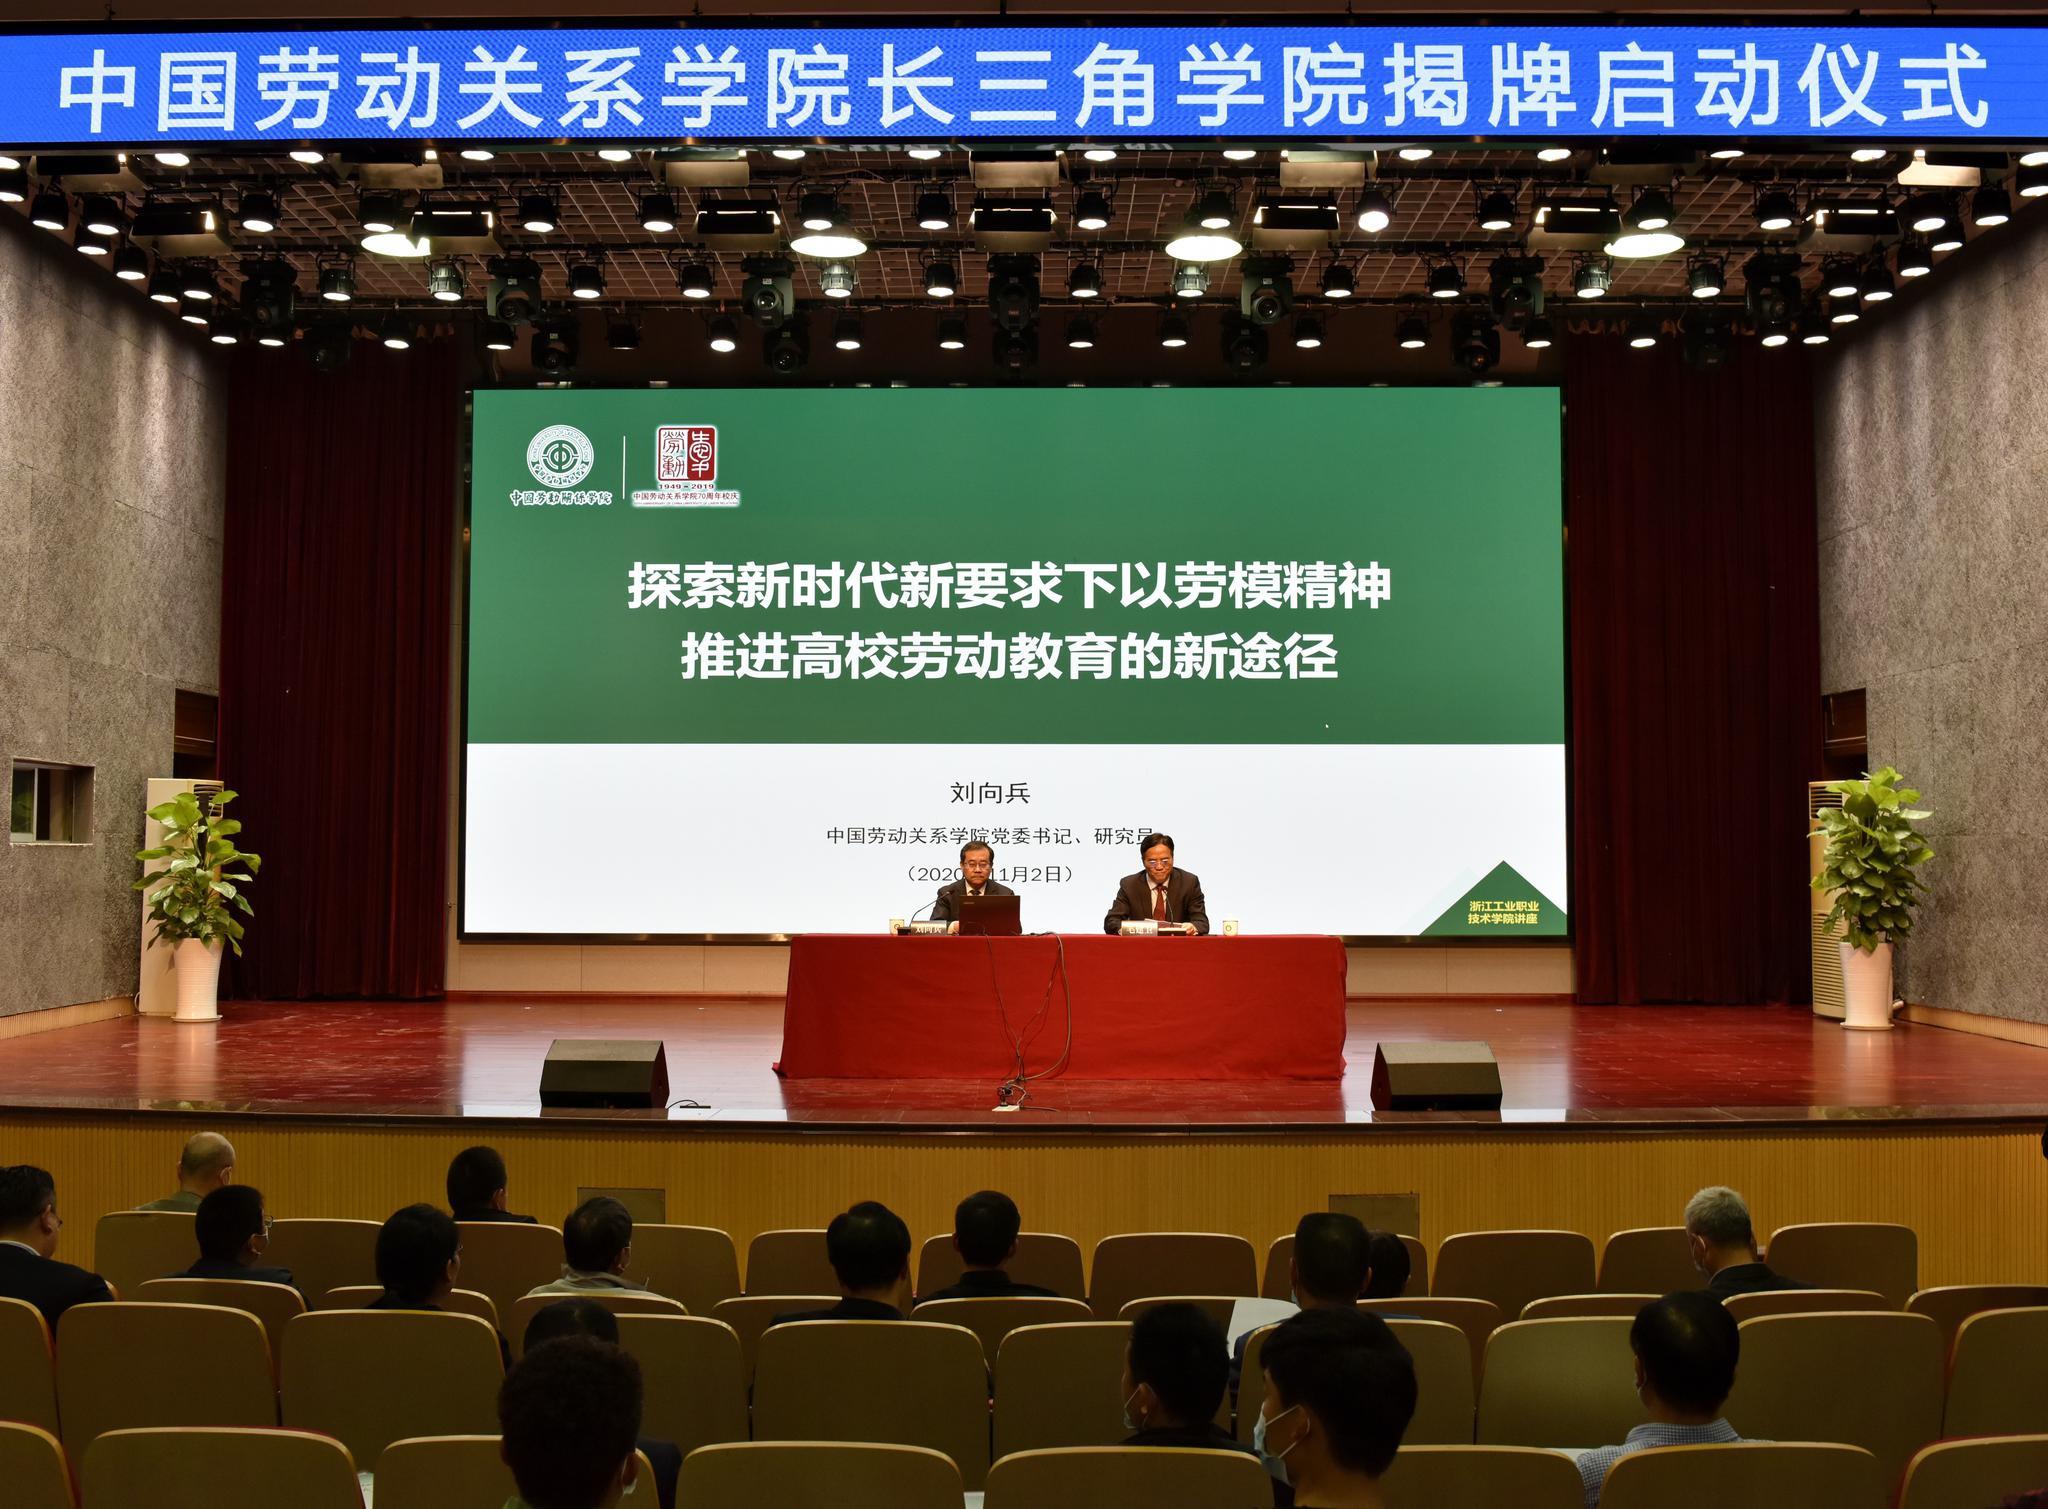 中国劳动关系学院长三角学院在绍兴揭牌